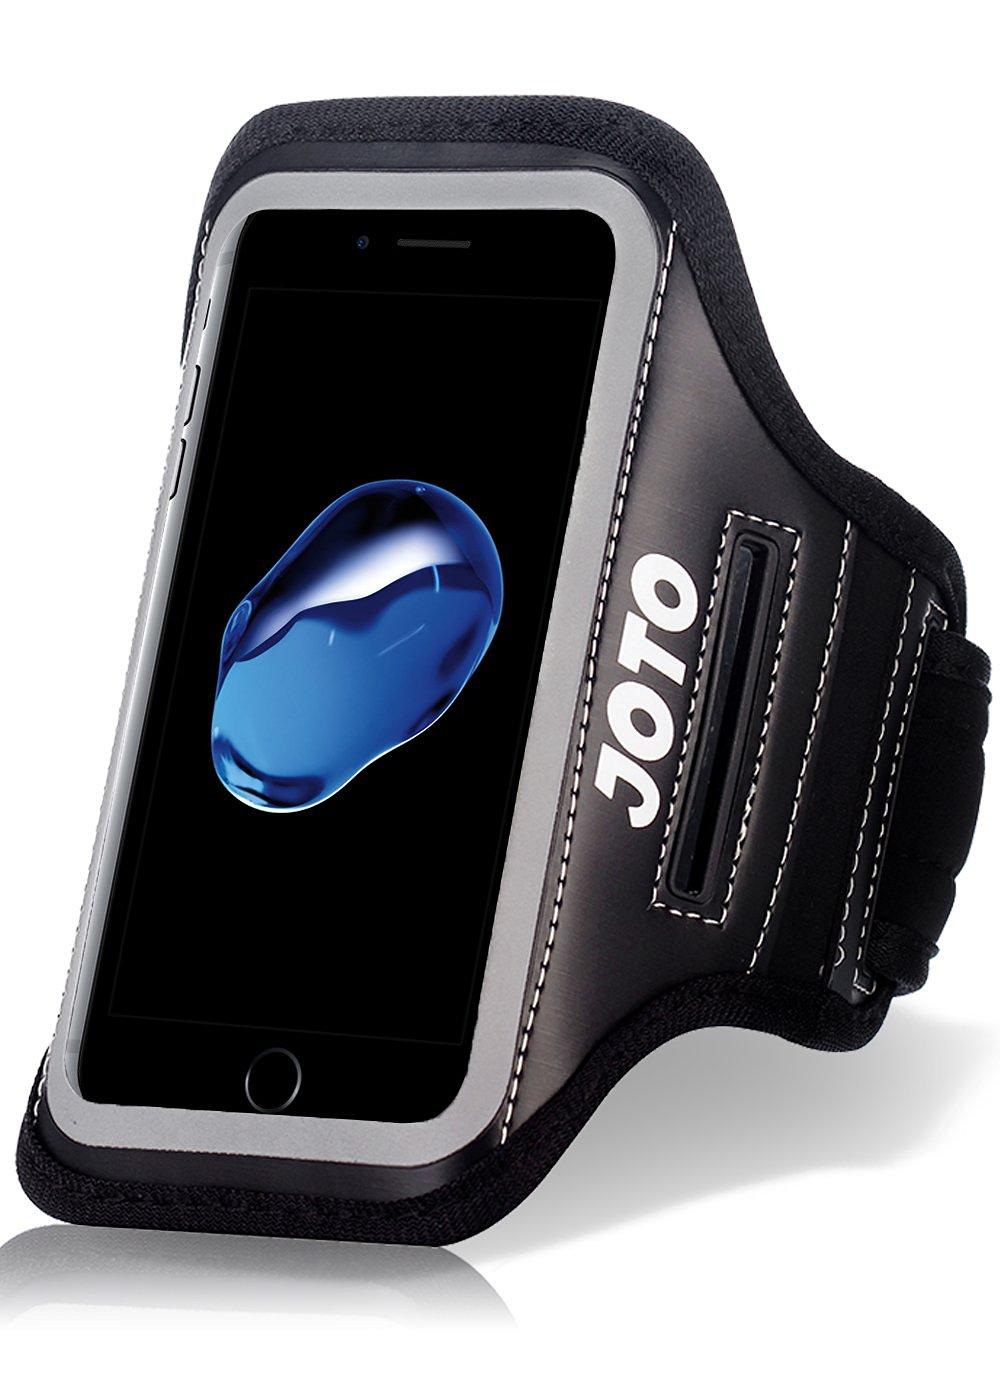 iphone 7 plus cases, best iphone 7 plus cases, cheap phone cases, cheap iphone cases, cheap iphone 7 plus cases, iphone 7 plus, iphone 7, apple